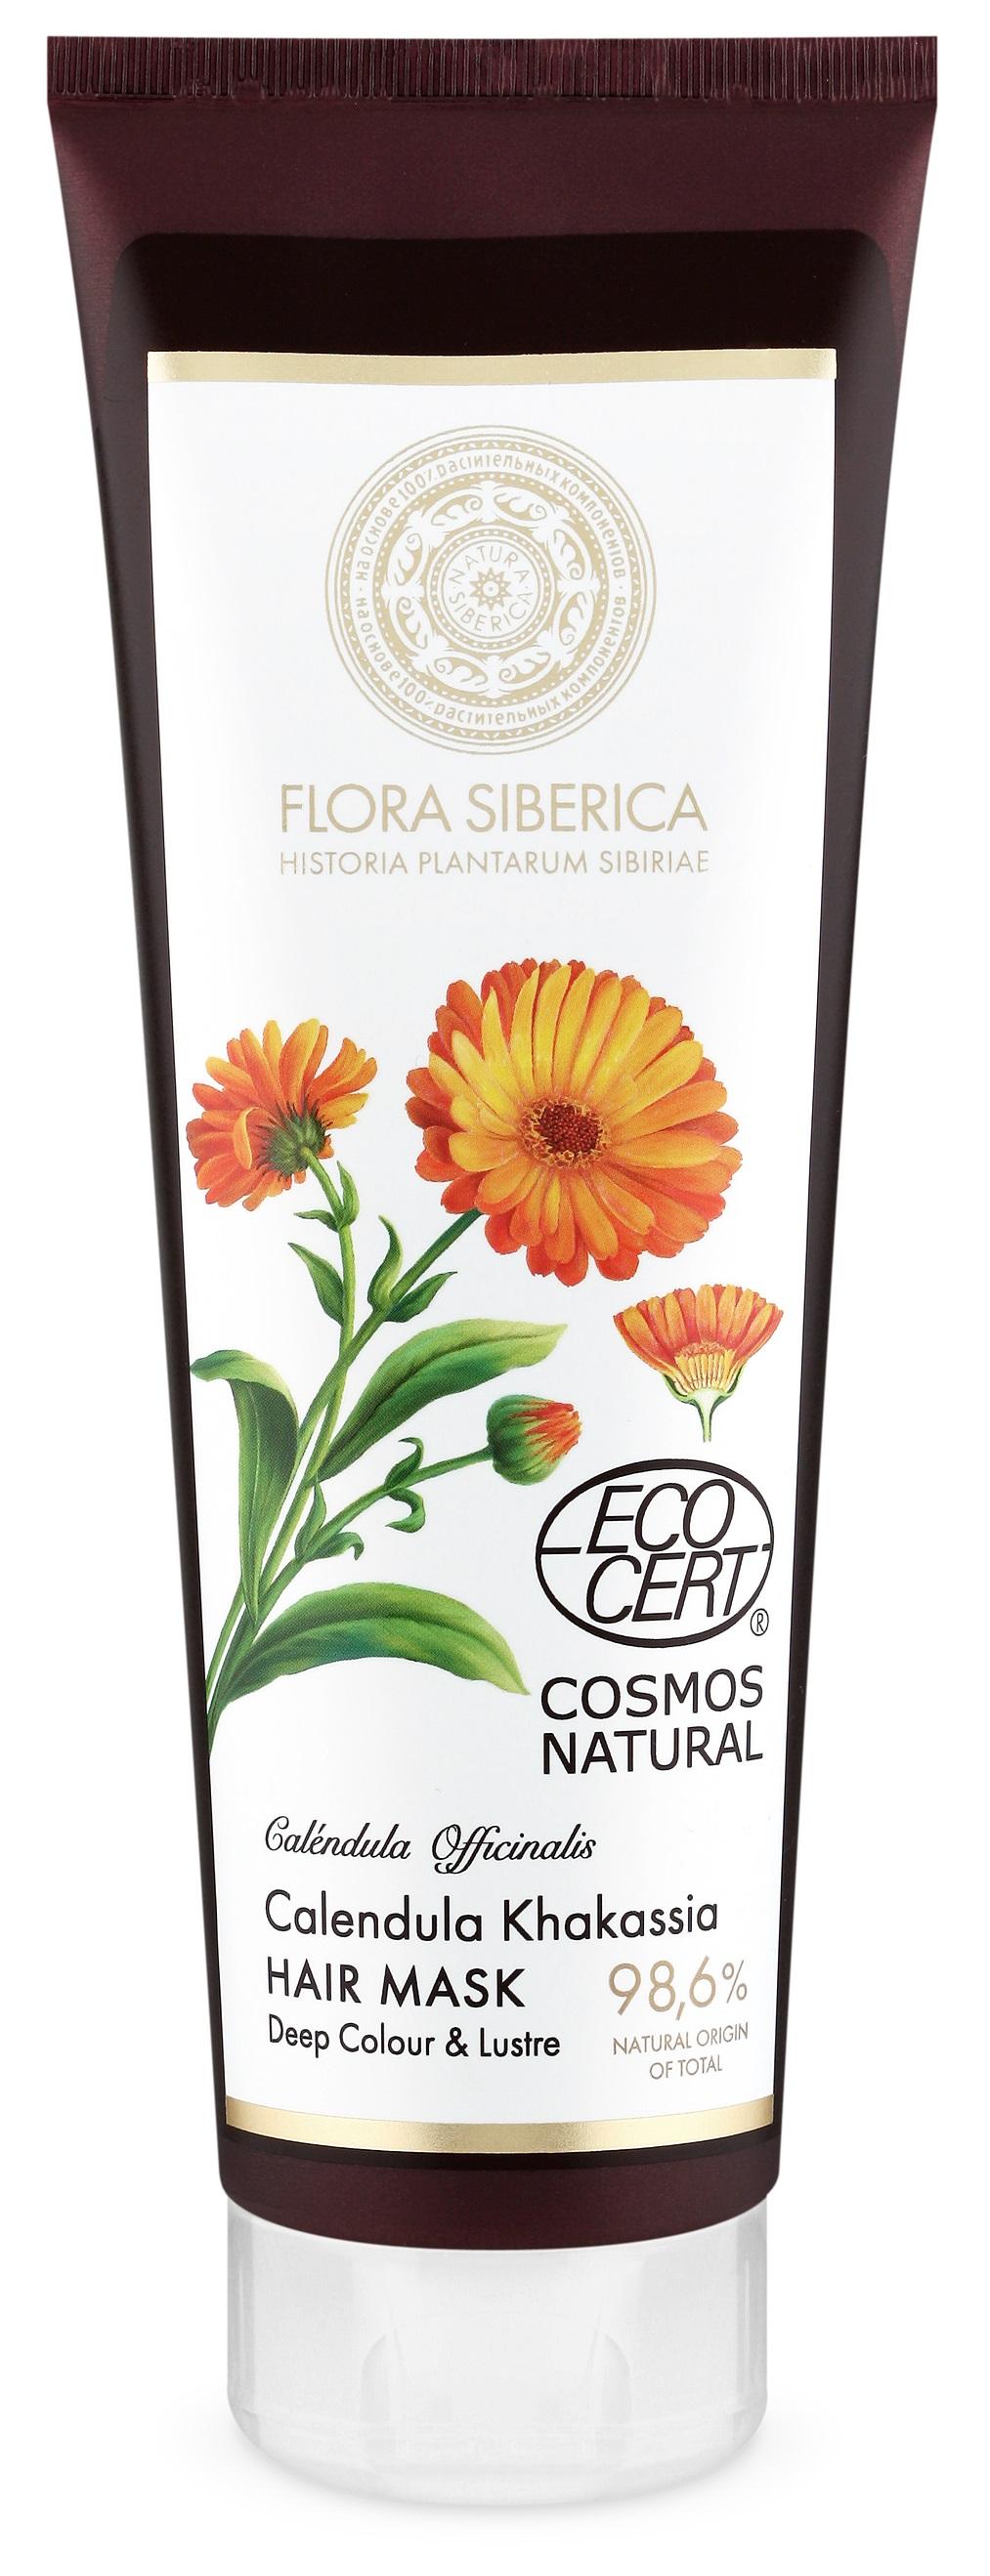 Flora Siberica - Maska na vlasy pre sýtu farbu a lesk - Nechtík